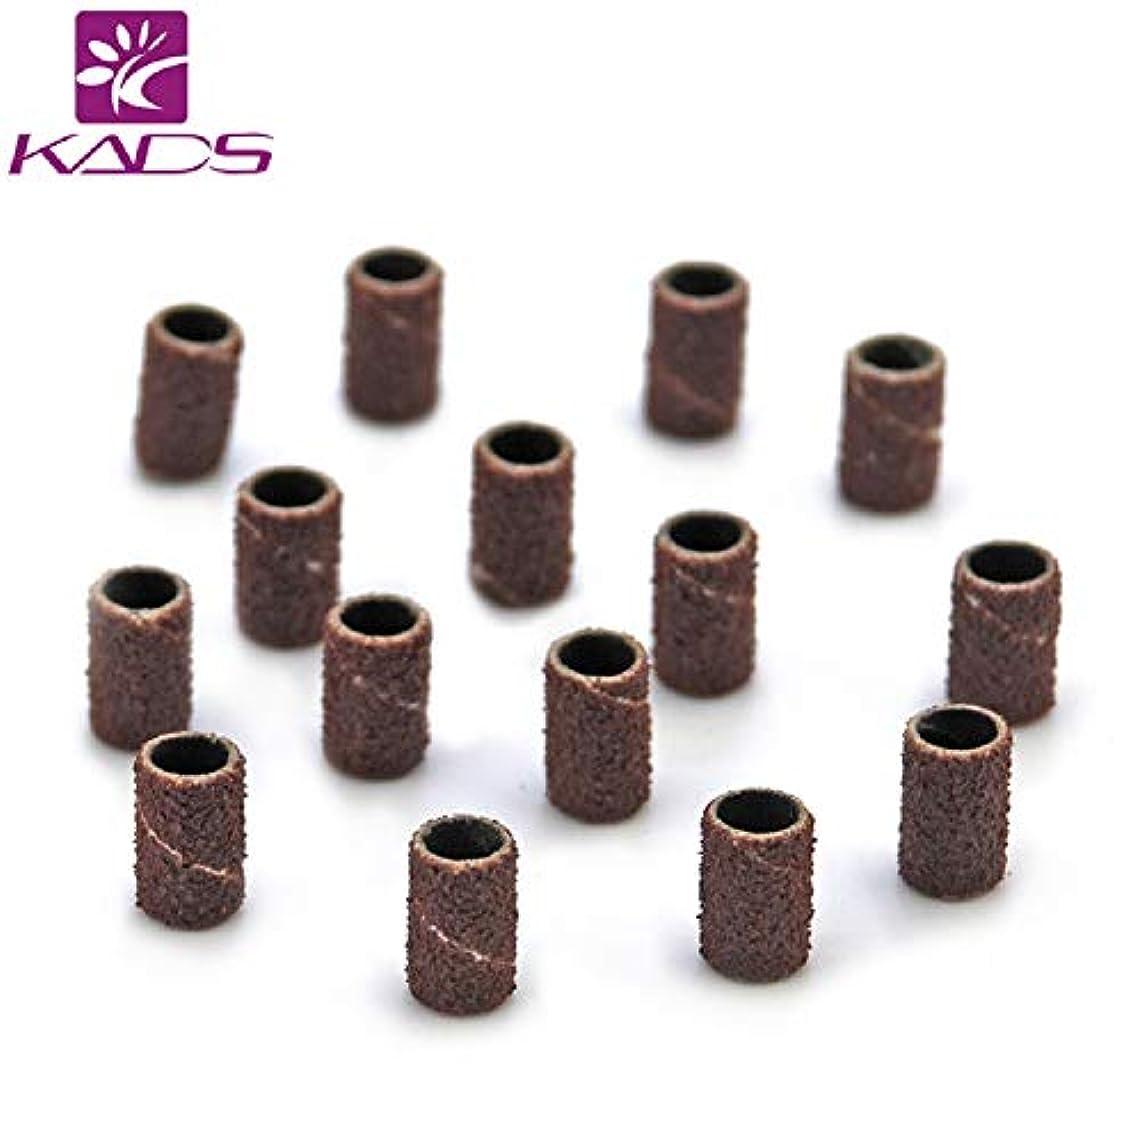 エイズ水素パスタKADS高品質サンディングバンド 150個入り ドラムサンダーセット 全5サイズ 研削、研磨 回転工具用